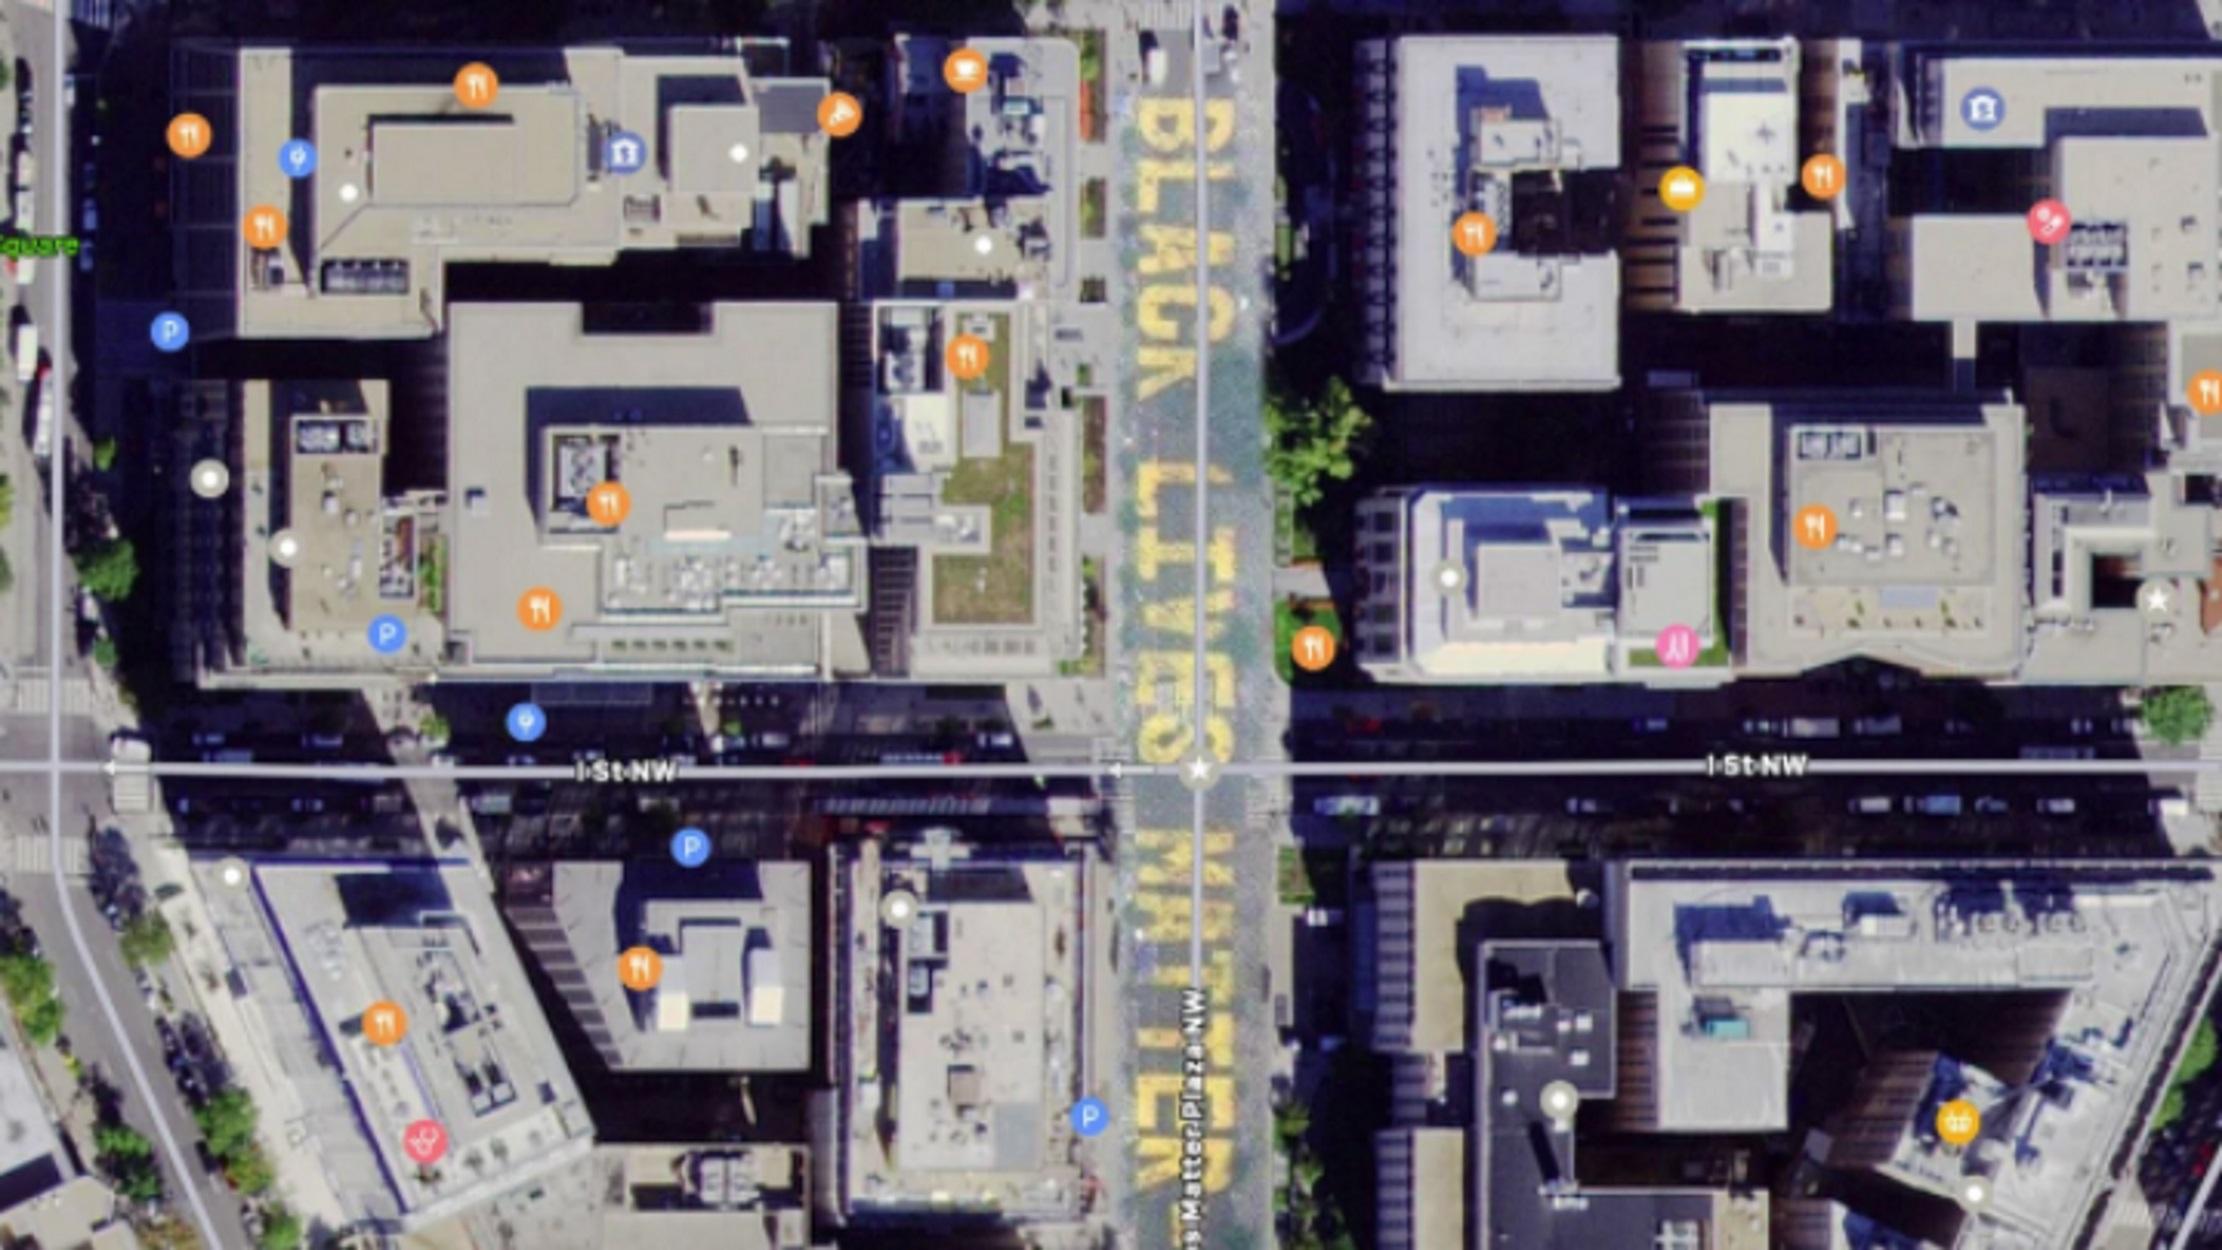 Τζορτζ Φλόιντ: Το διαδίκτυο προσαρμόζει τους χάρτες στηρίζοντας το Black Lives Matter